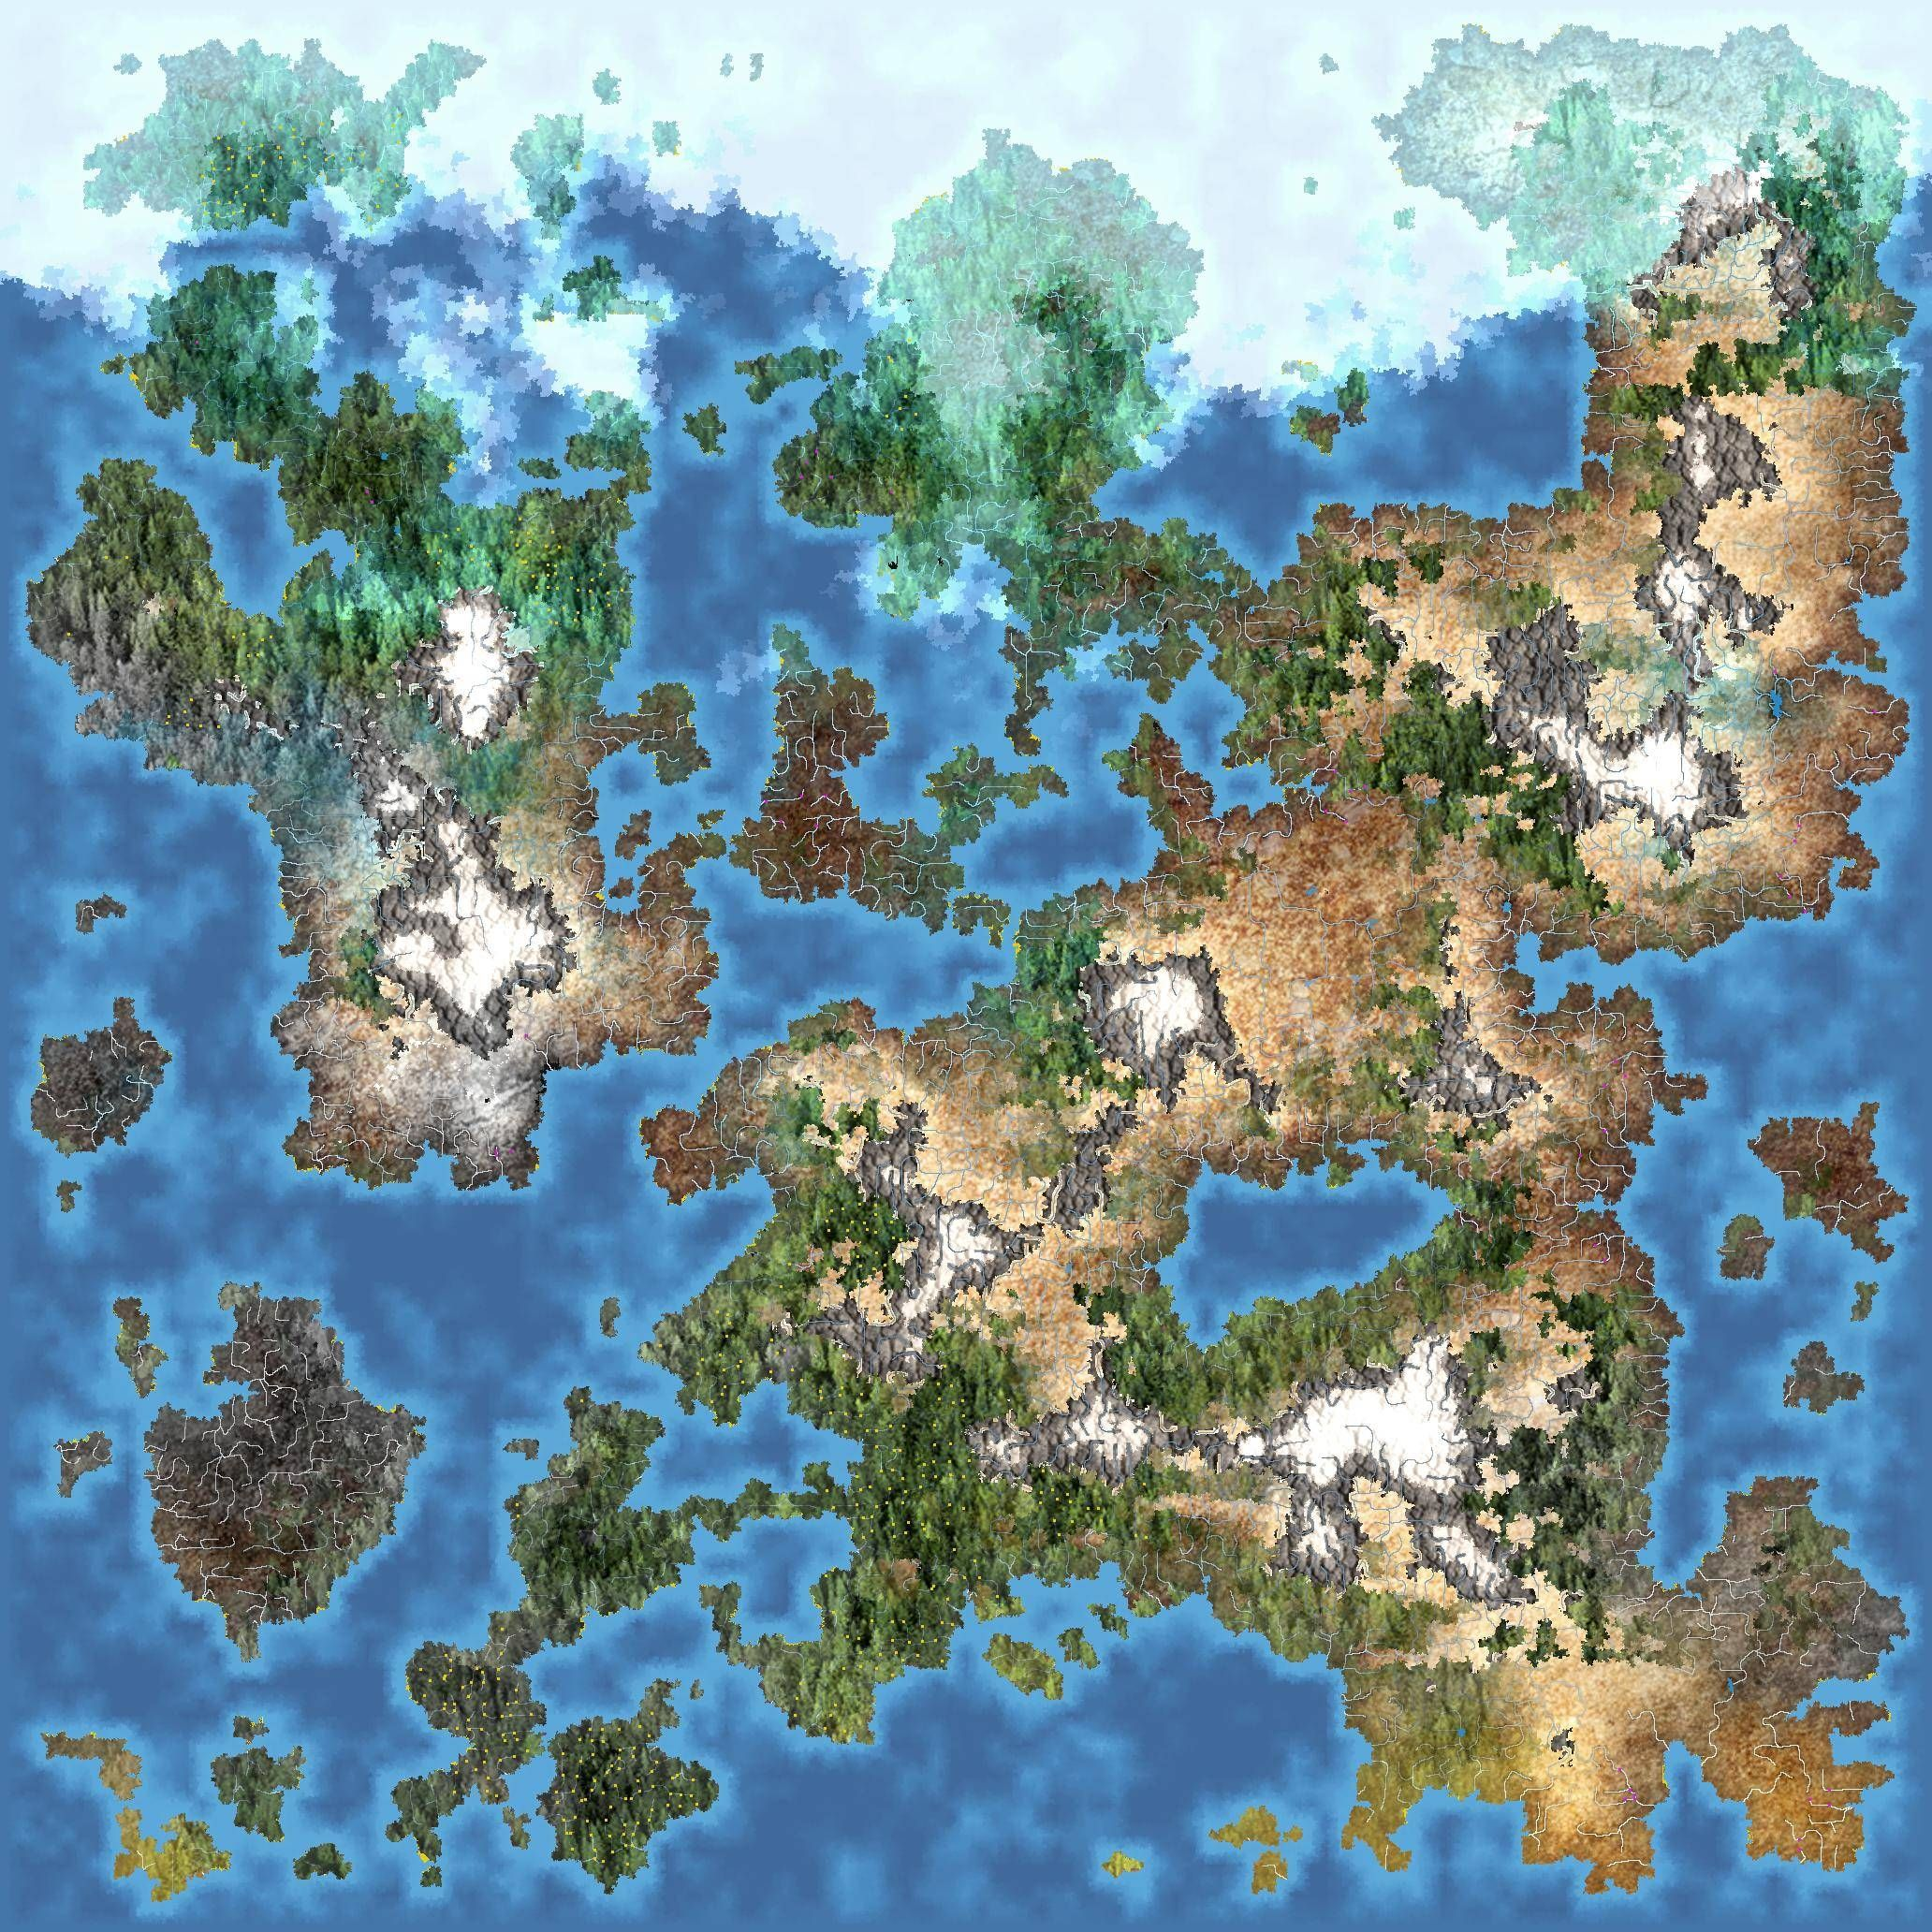 Fantasy map maker photoshop action script dungeons and dragons fantasy map maker photoshop action script gumiabroncs Choice Image